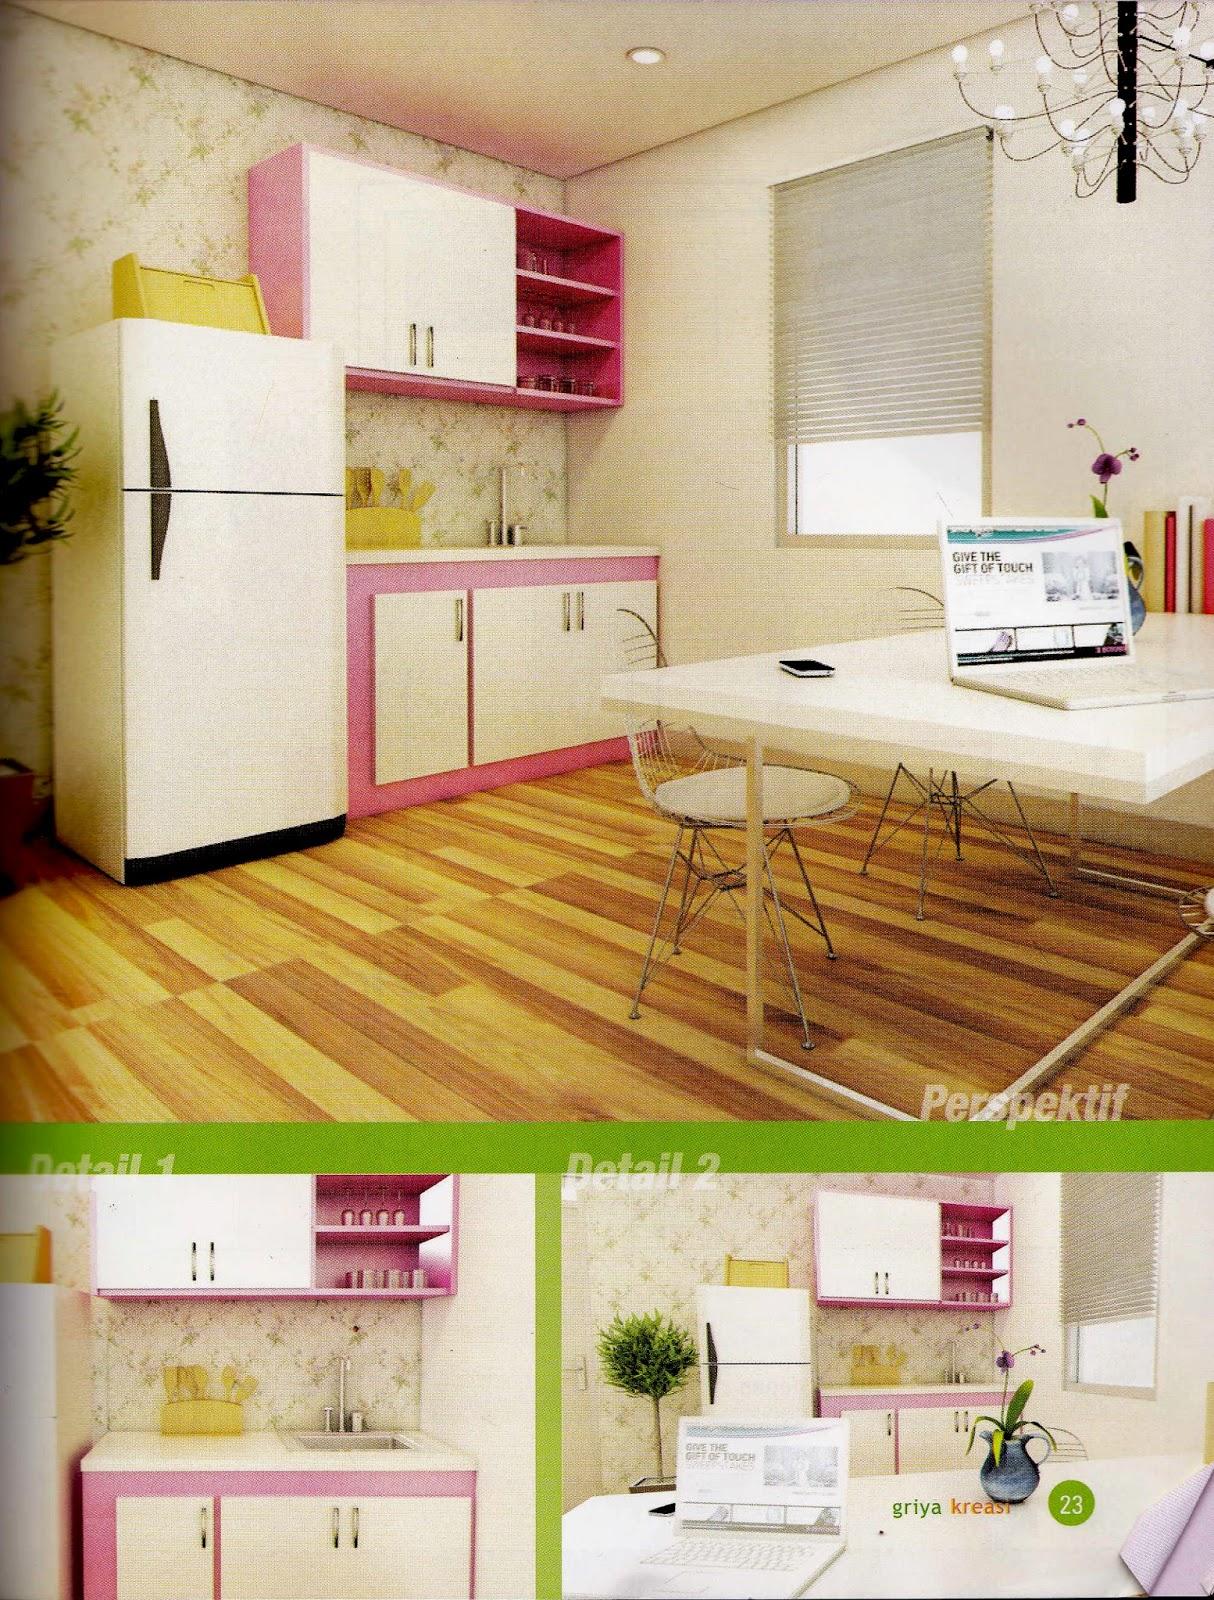 Princess New Pink Desain Kitchen Set Minimalis 4 2 Juta Untuk Dapur